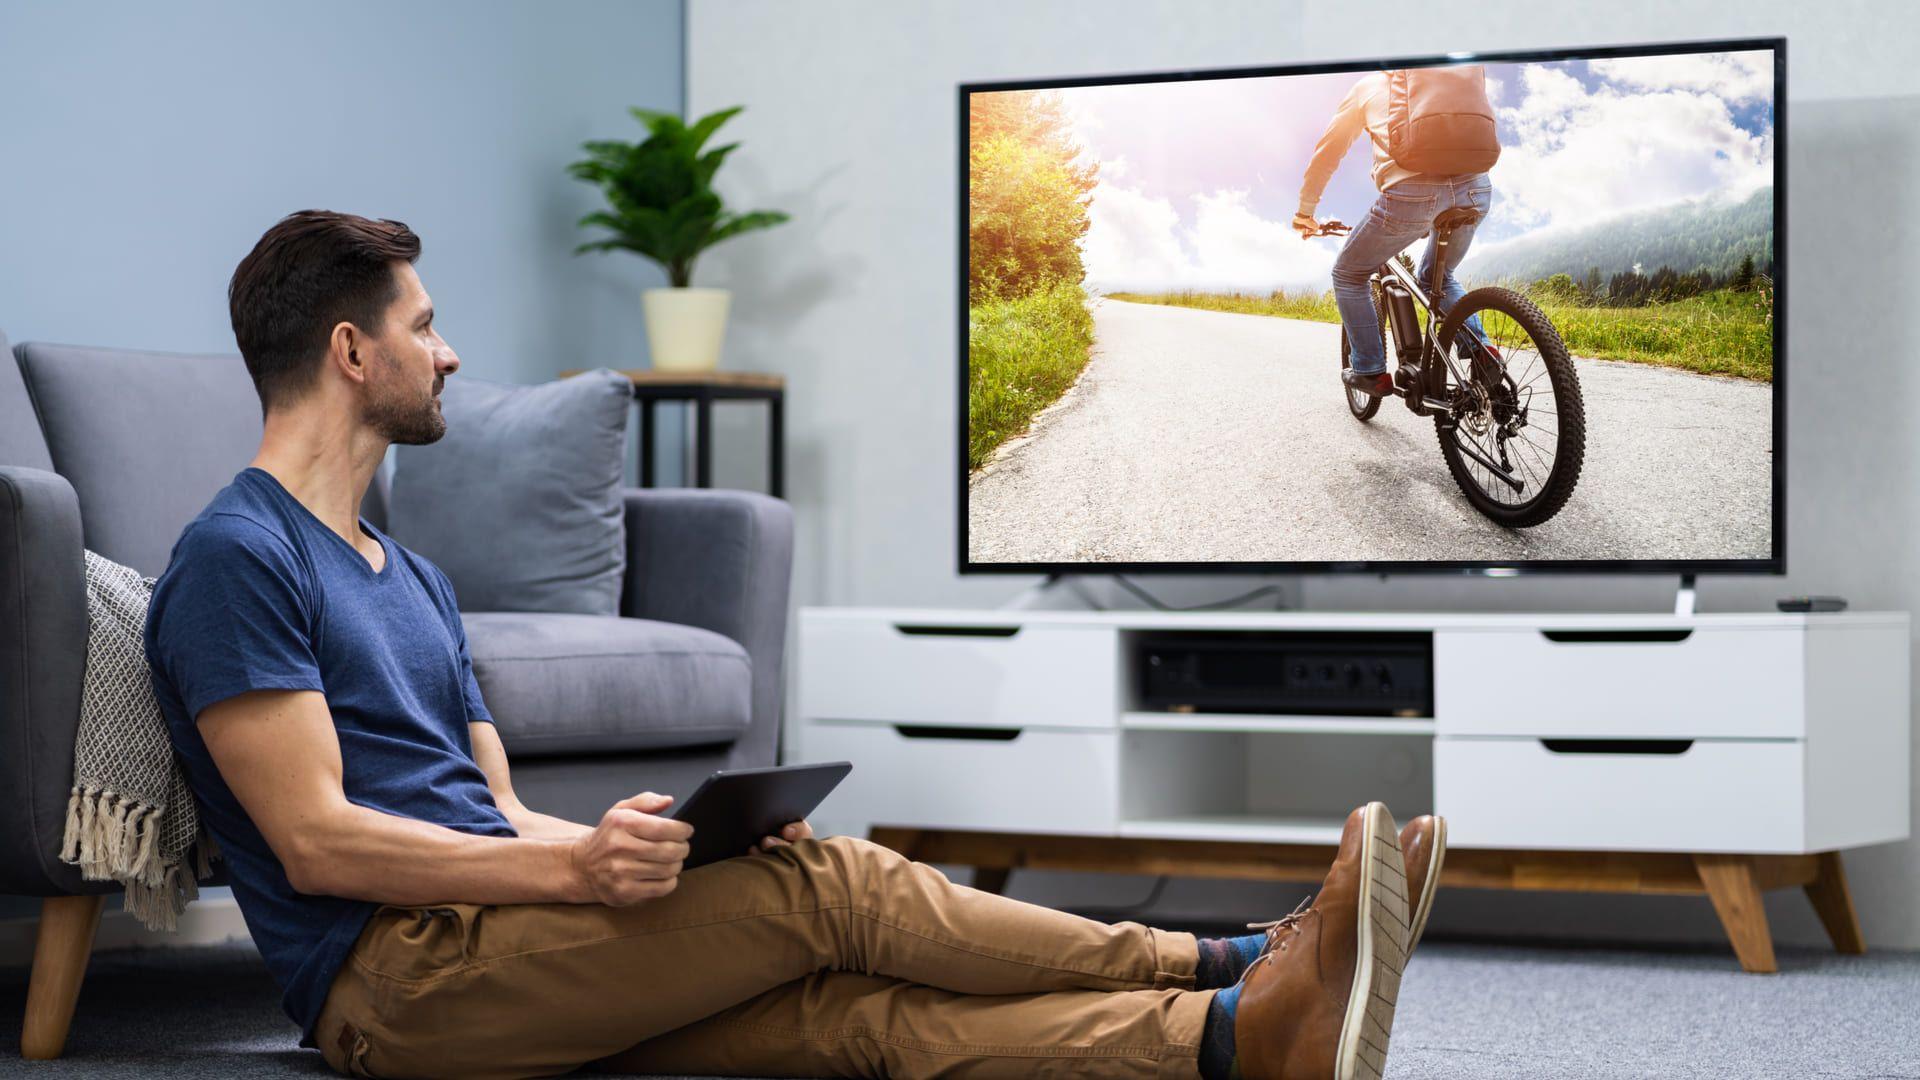 Homem sentado no chão com tablet na mão, olhando para uma TV ao lado